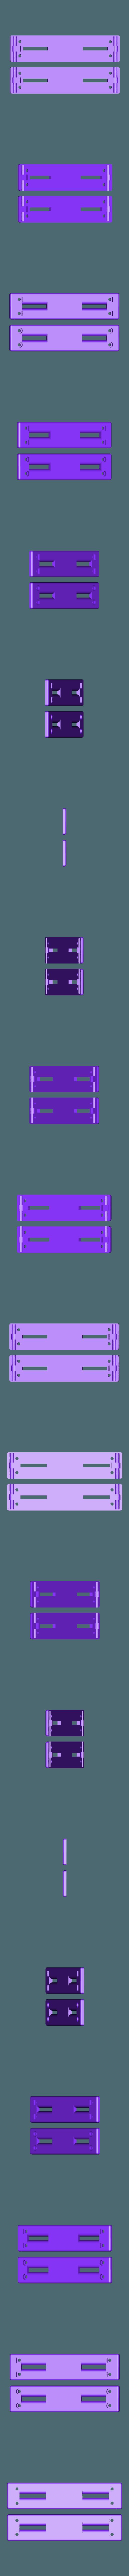 Control_pack-buckle.stl Télécharger fichier STL gratuit Blinkini (Dessus de l'obturateur LCD) • Design pour impression 3D, SexyCyborg